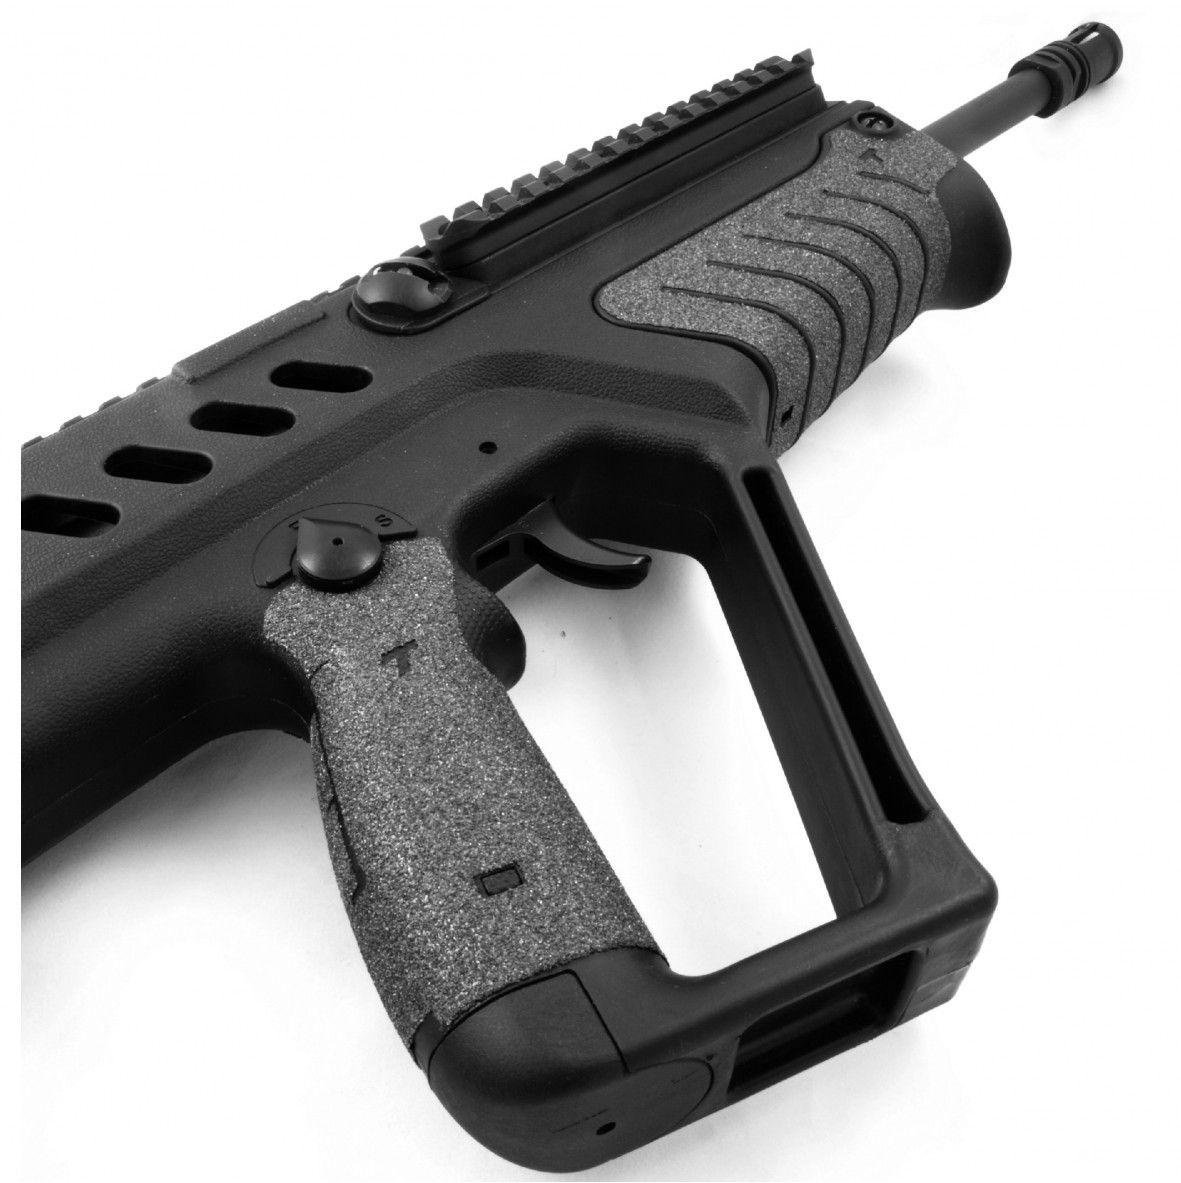 Talon Grips Rubber Texture Grips Guns